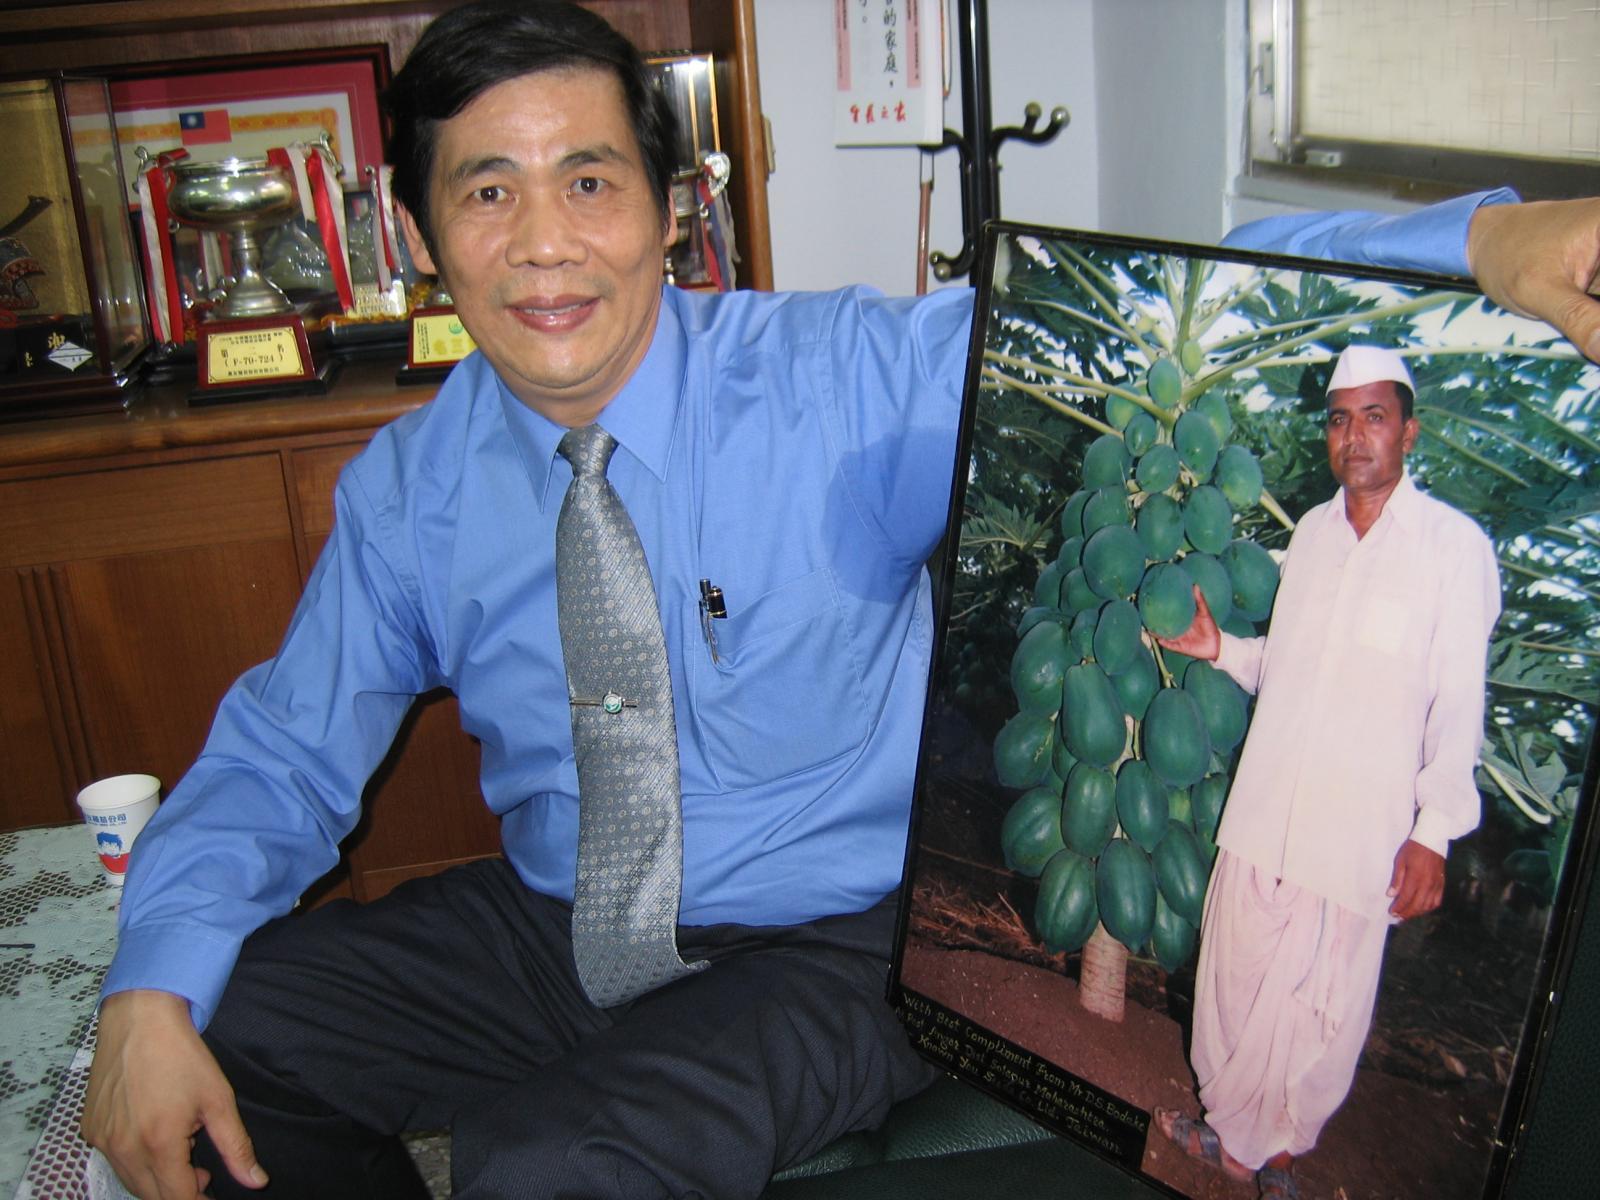 印度農民種植了紅妃木瓜賺大錢,特別寫信與寄照片感謝農友種苗董事長陳龍木。(攝影/汪文豪)